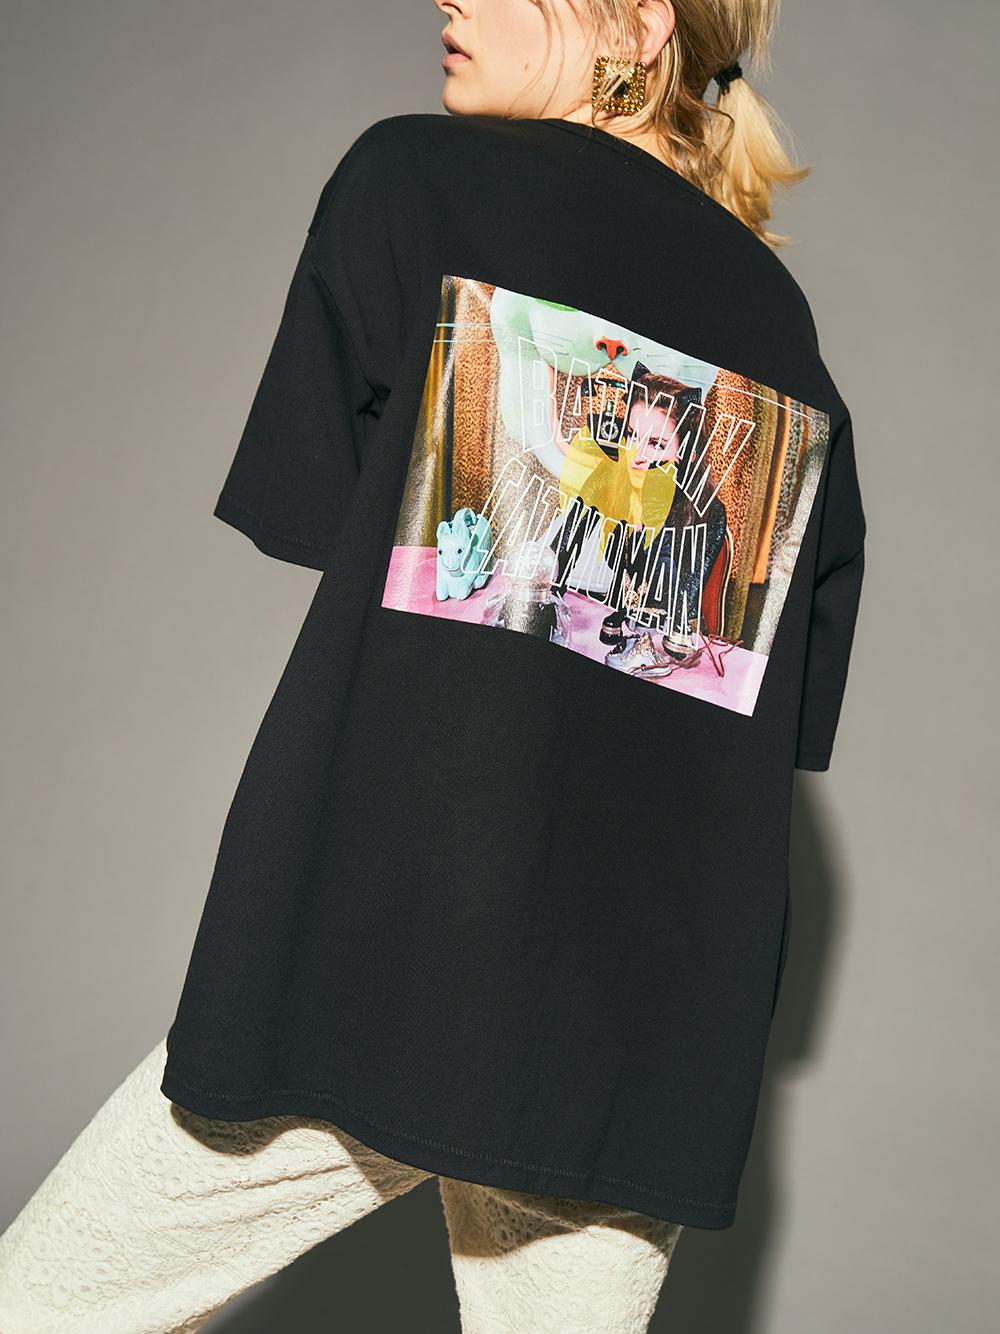 【限定】CATWOMANプリントBIGTシャツ(BLK-F)